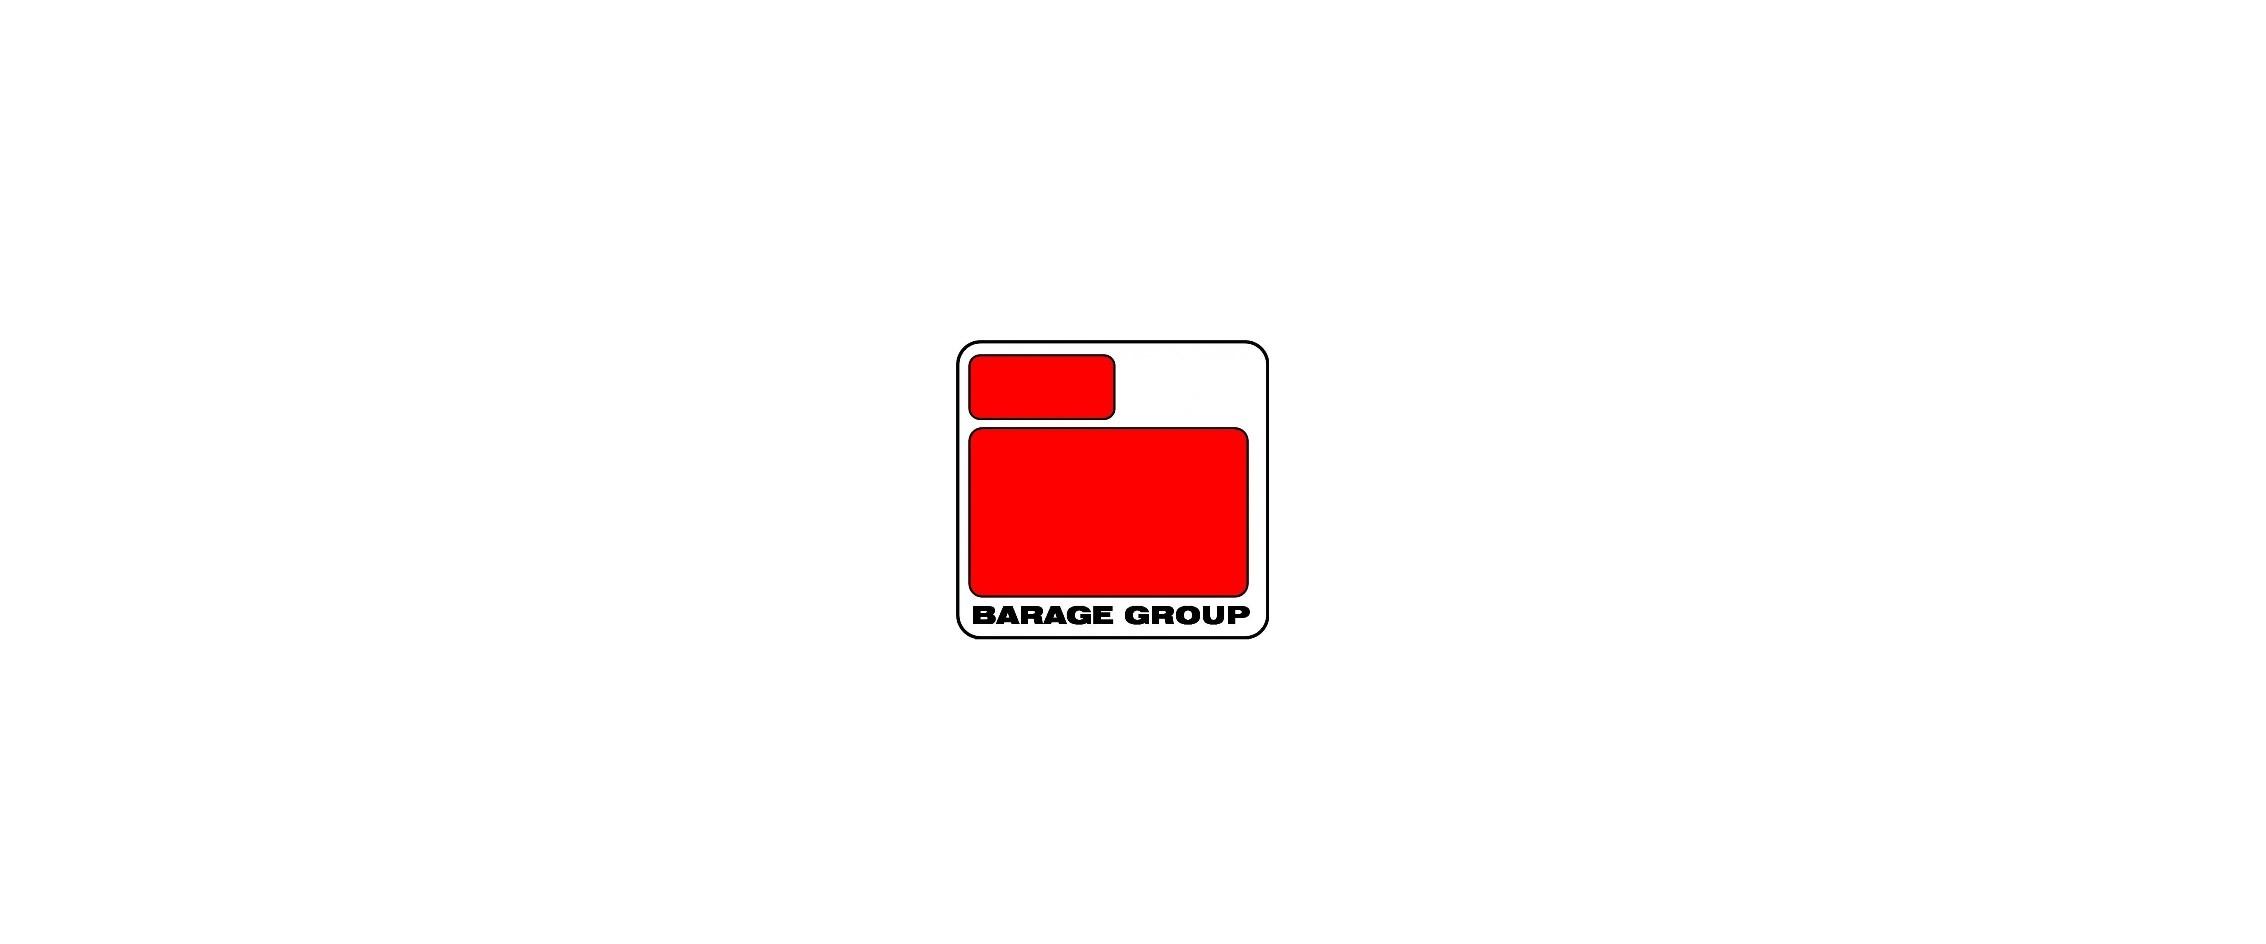 Barage Group begann mit dem Neubau des SB-Warenhauses von Praktiker in Shumen